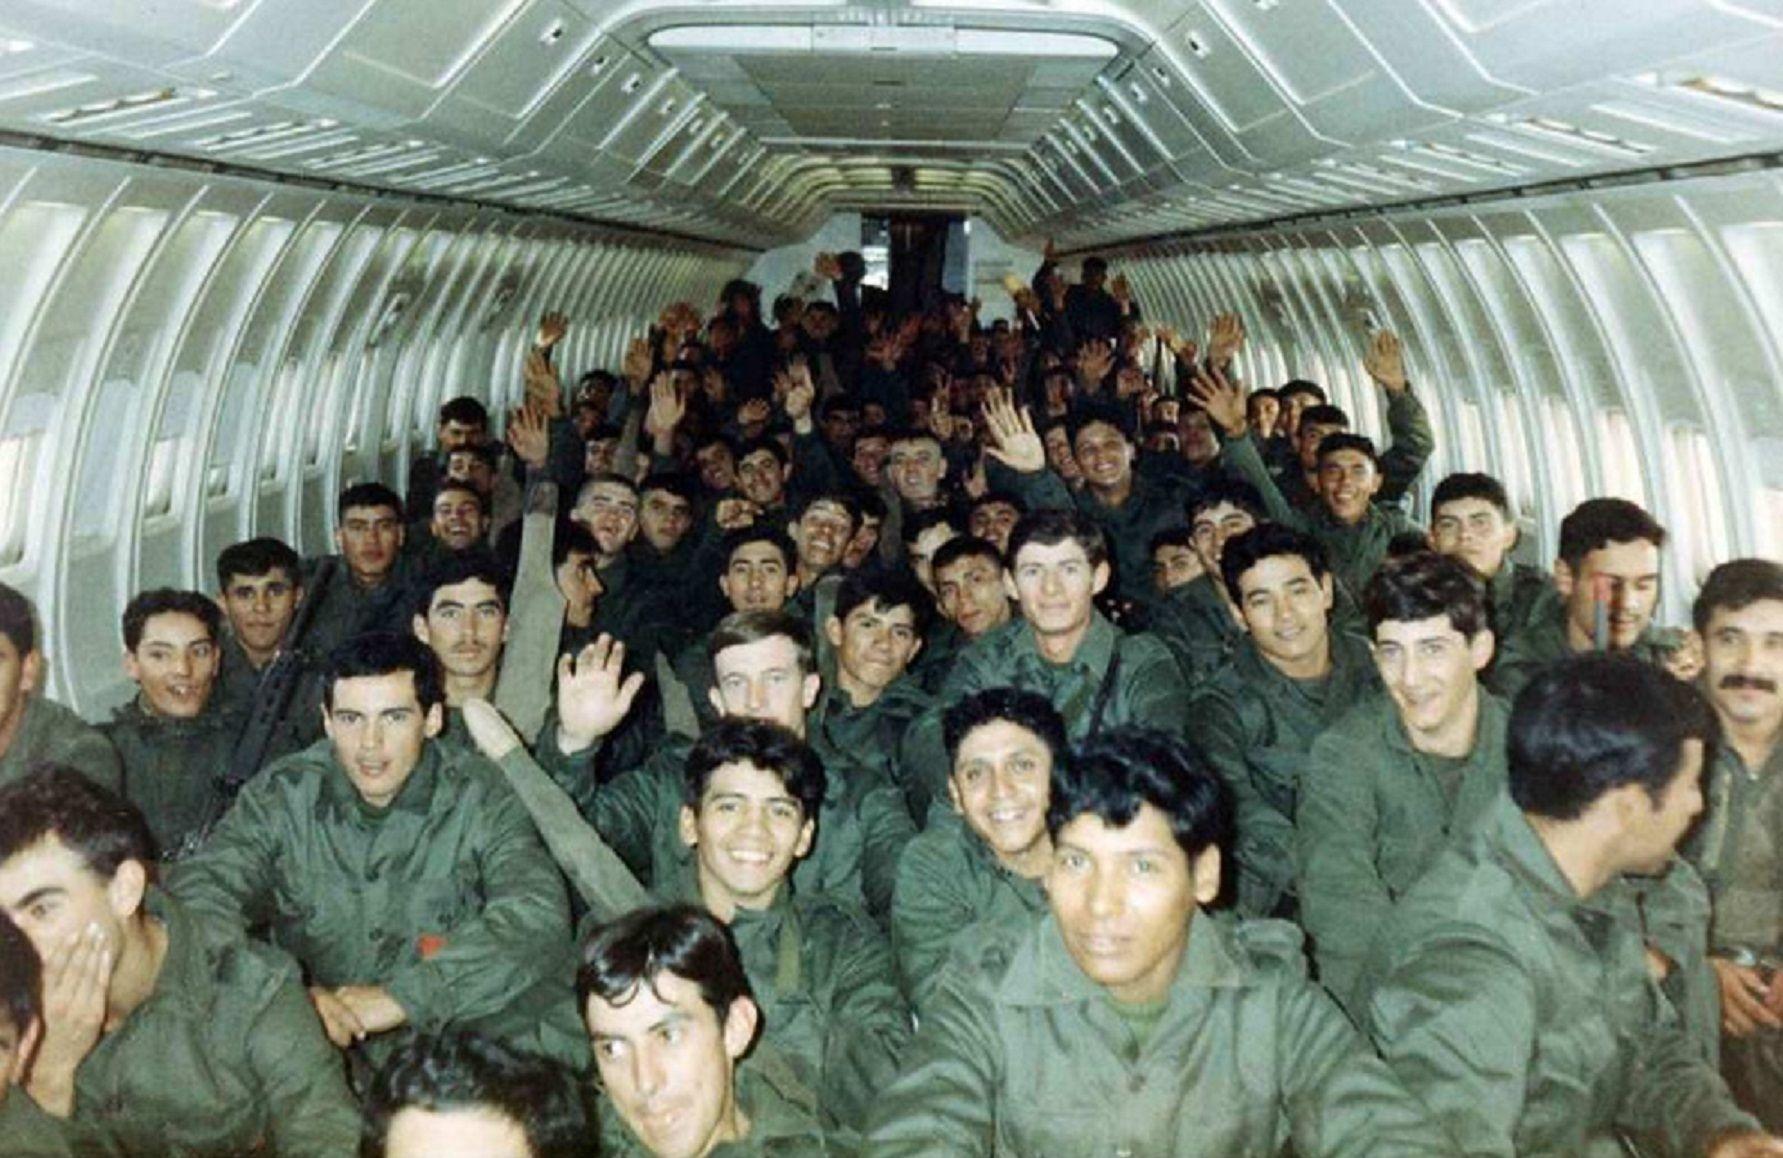 Soldados de las Malvinas 1982. Imagen de archivo